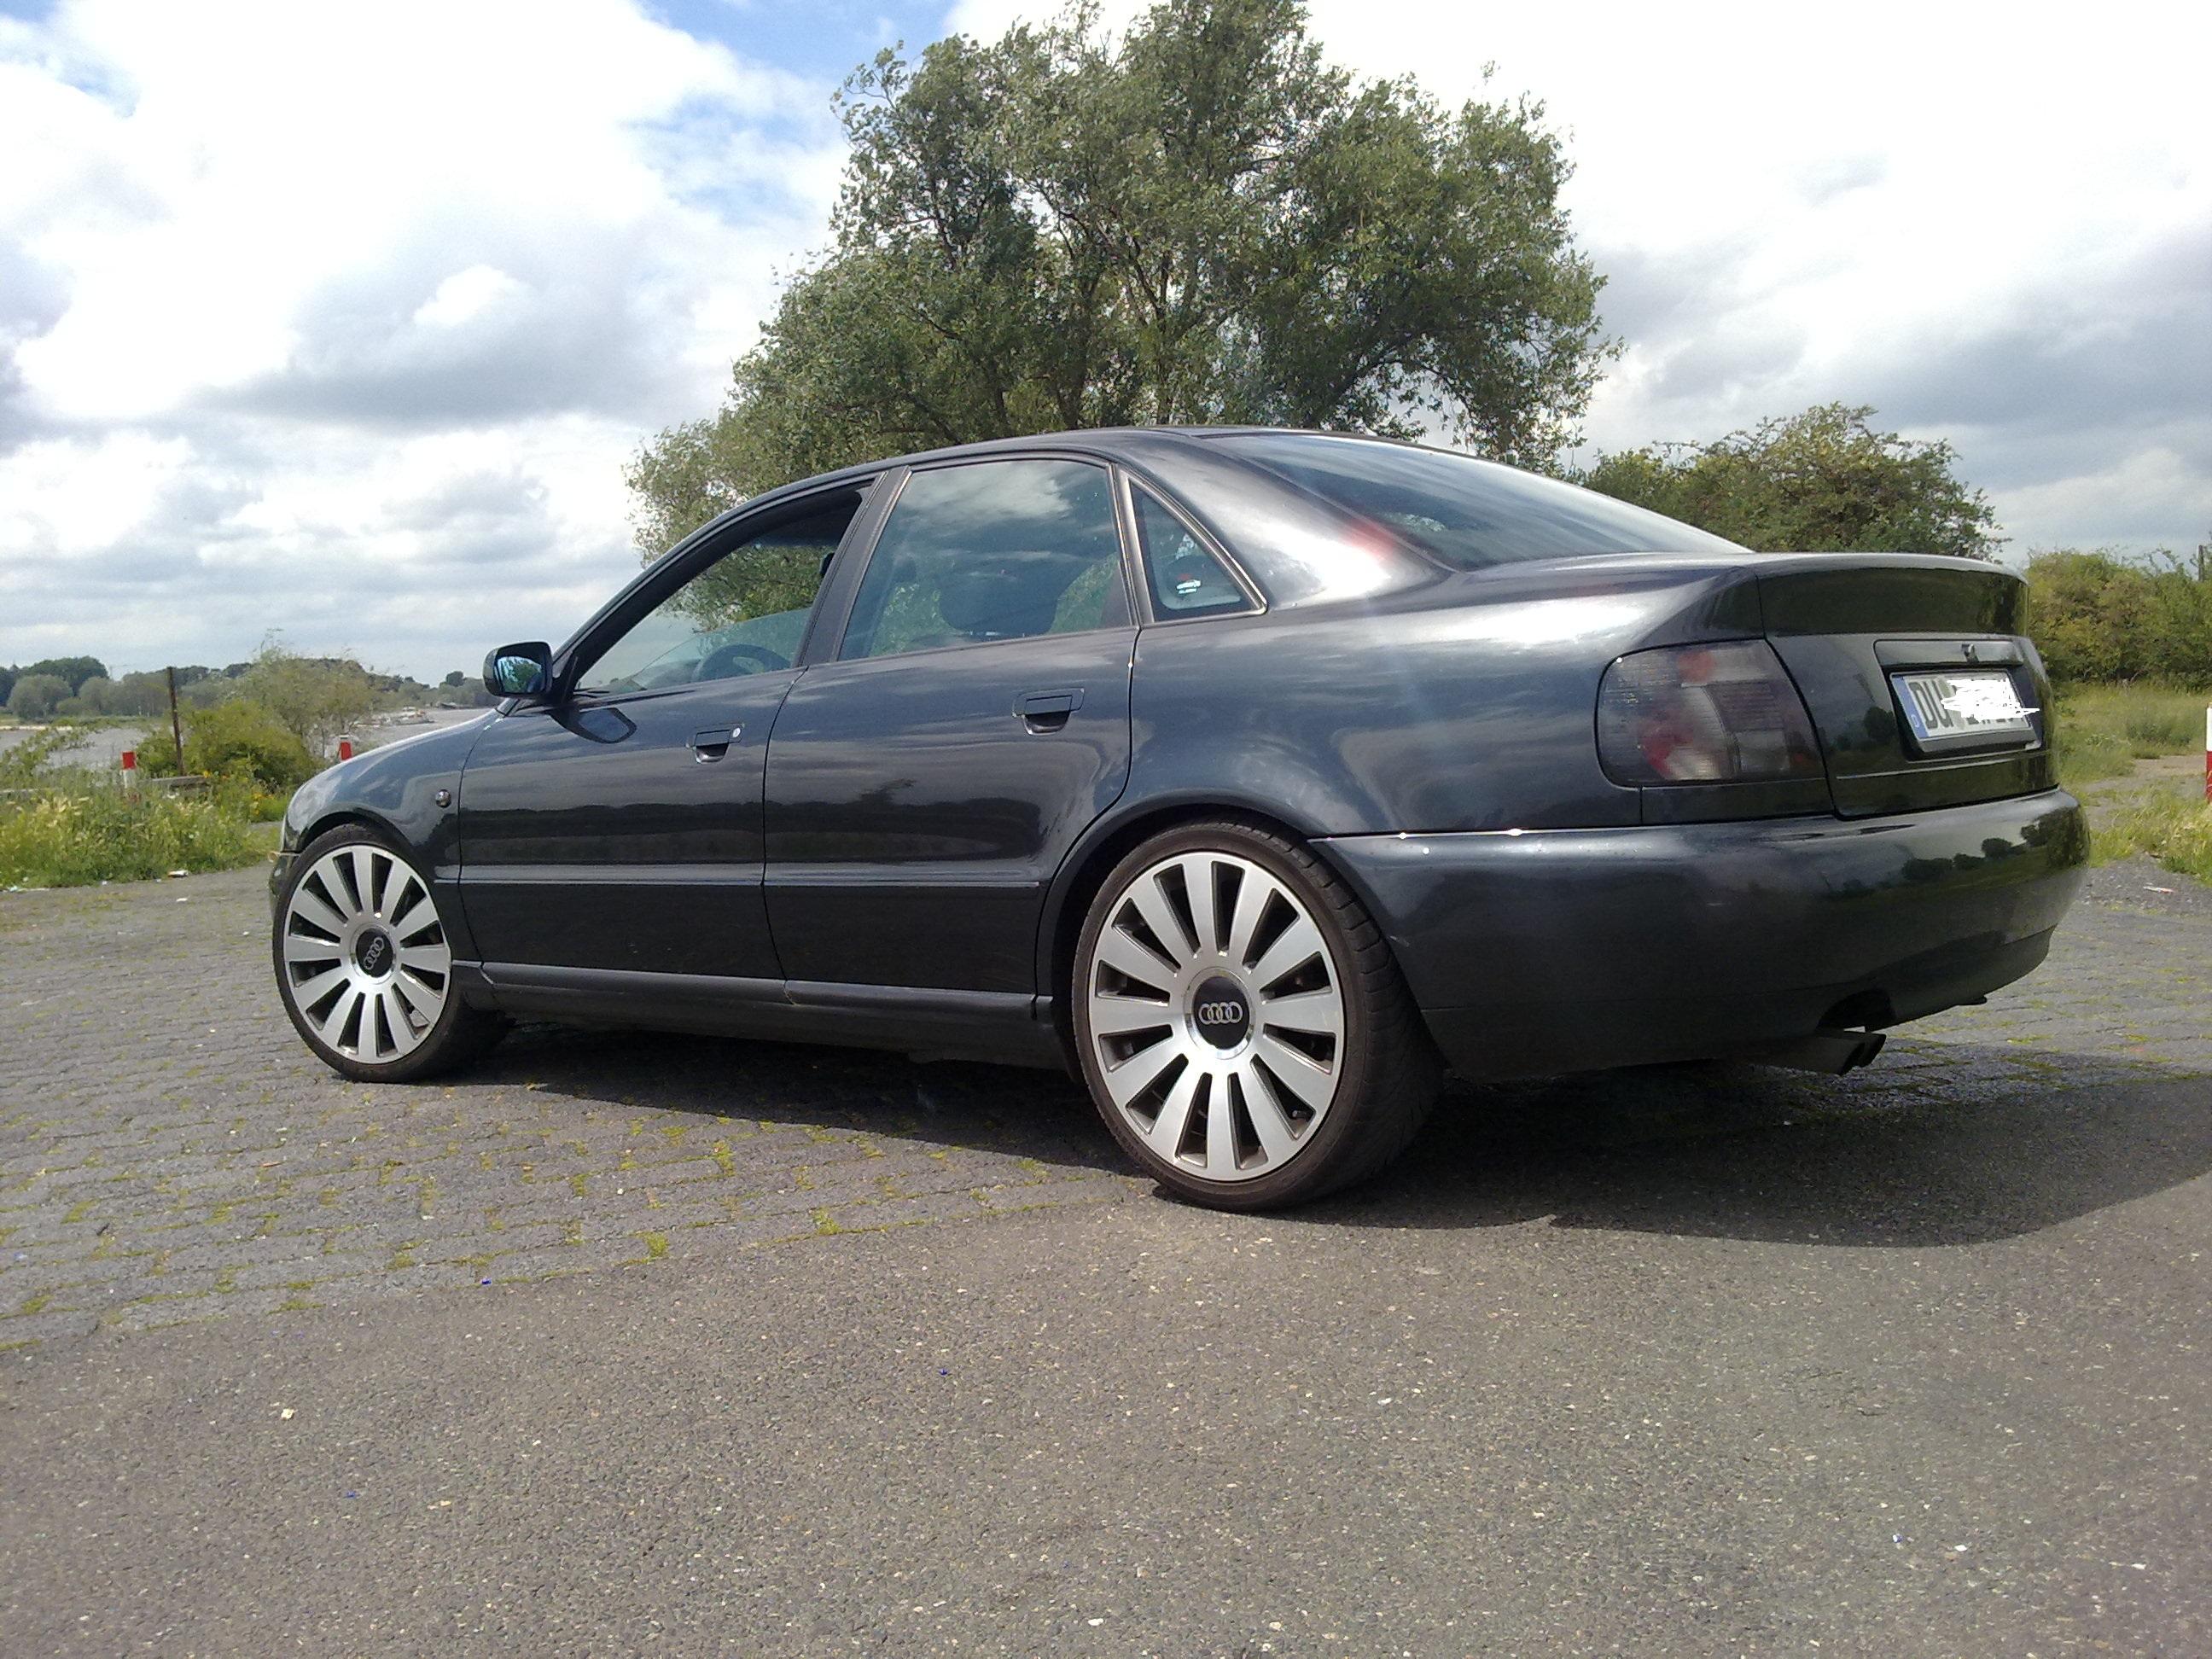 Audi a4 1.8 t